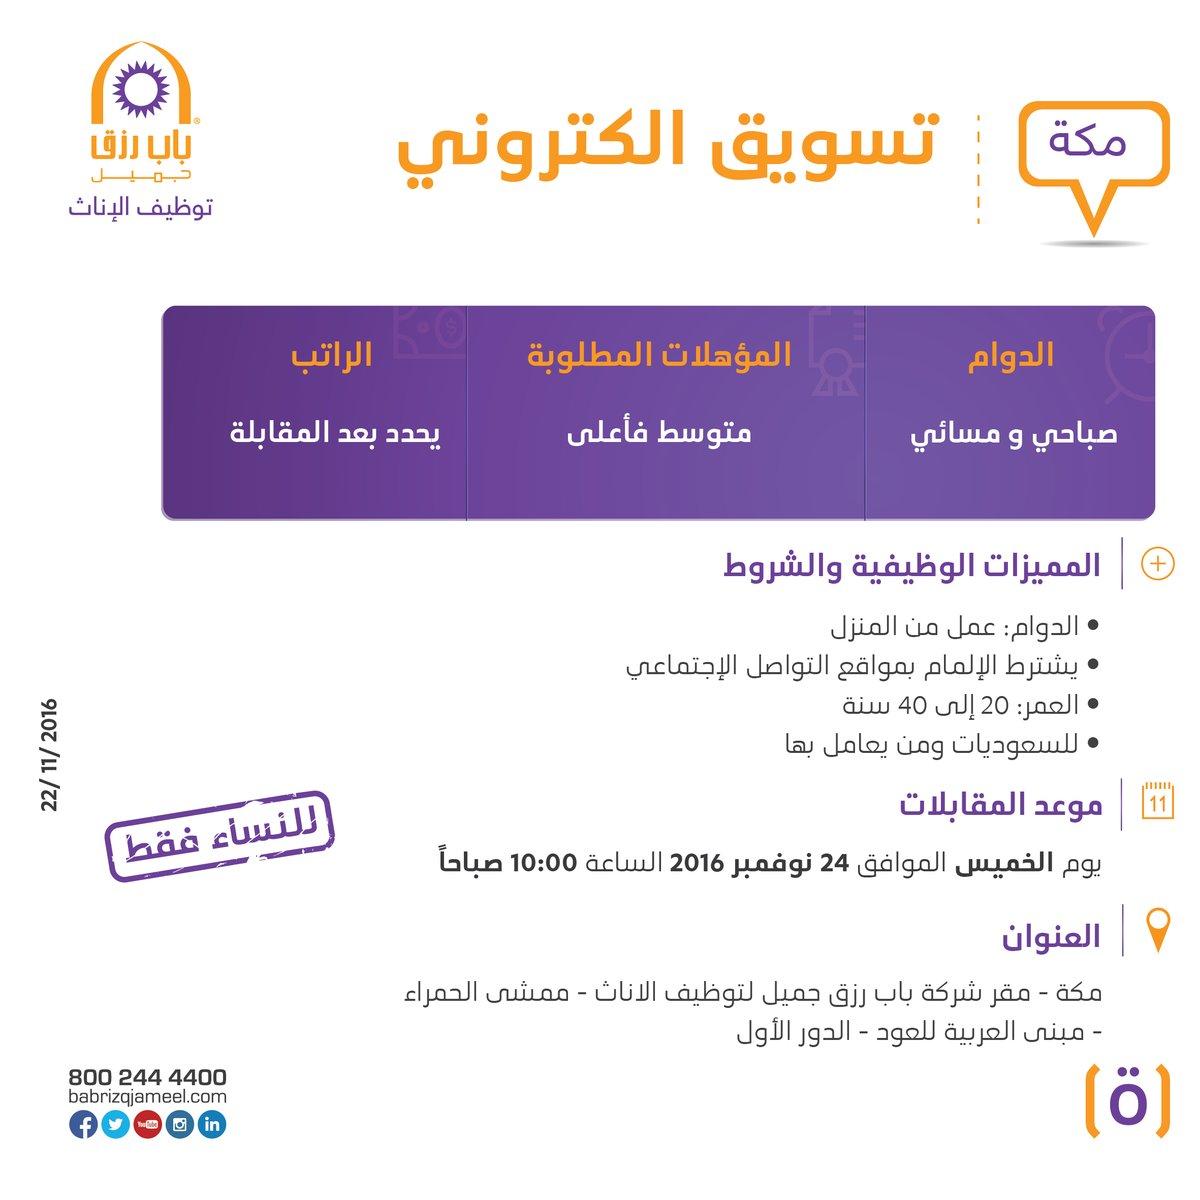 غدا الخميس التقديم على وظيفة تسويق الكتروني نسائية - مكة المكرمة